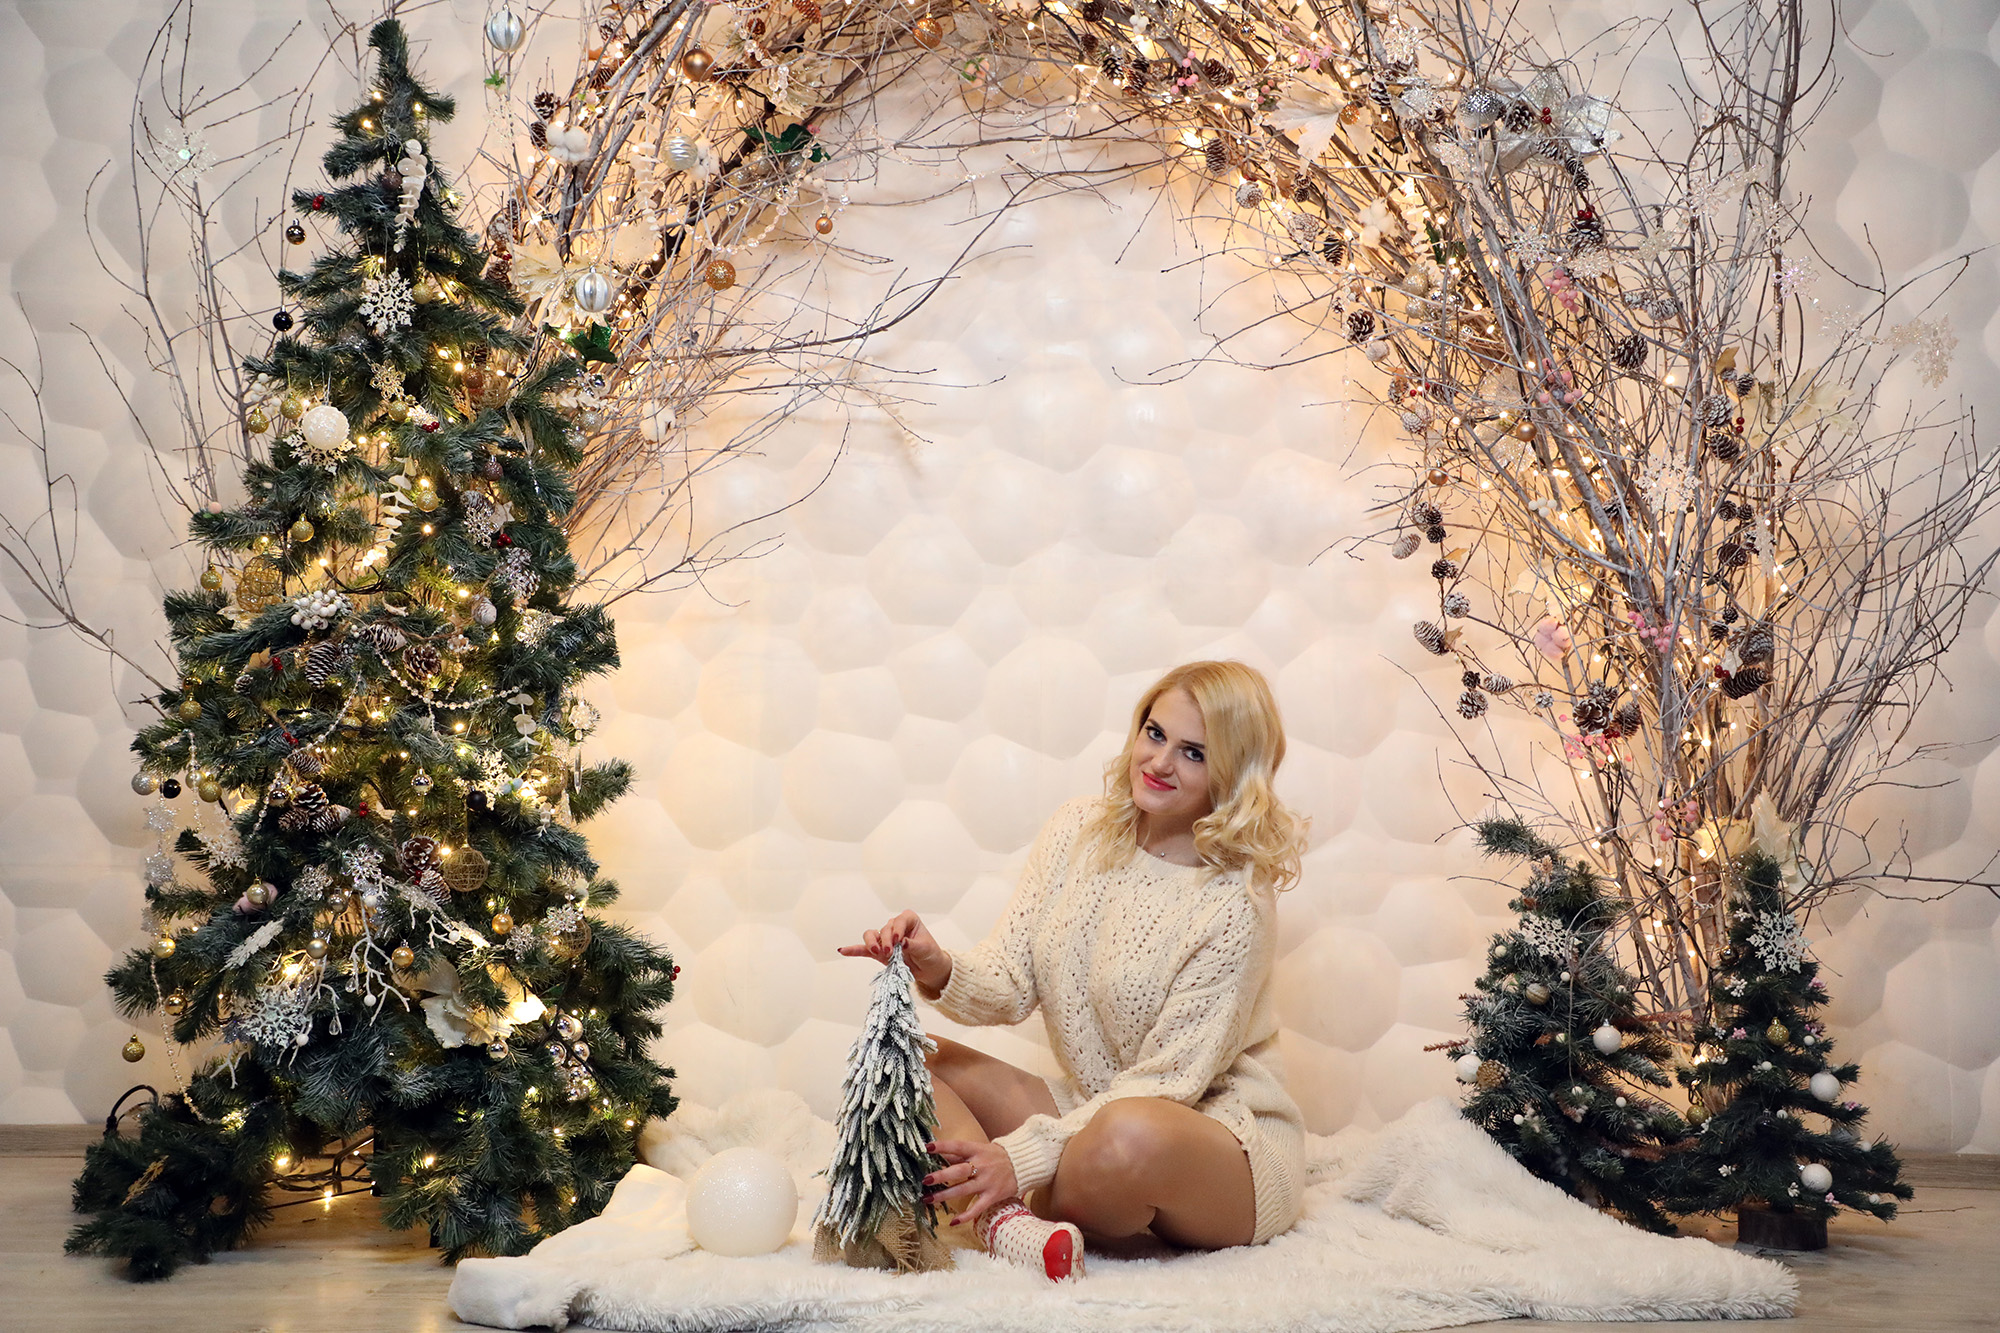 Новогодняя фотосессия в студии с новогодними елками